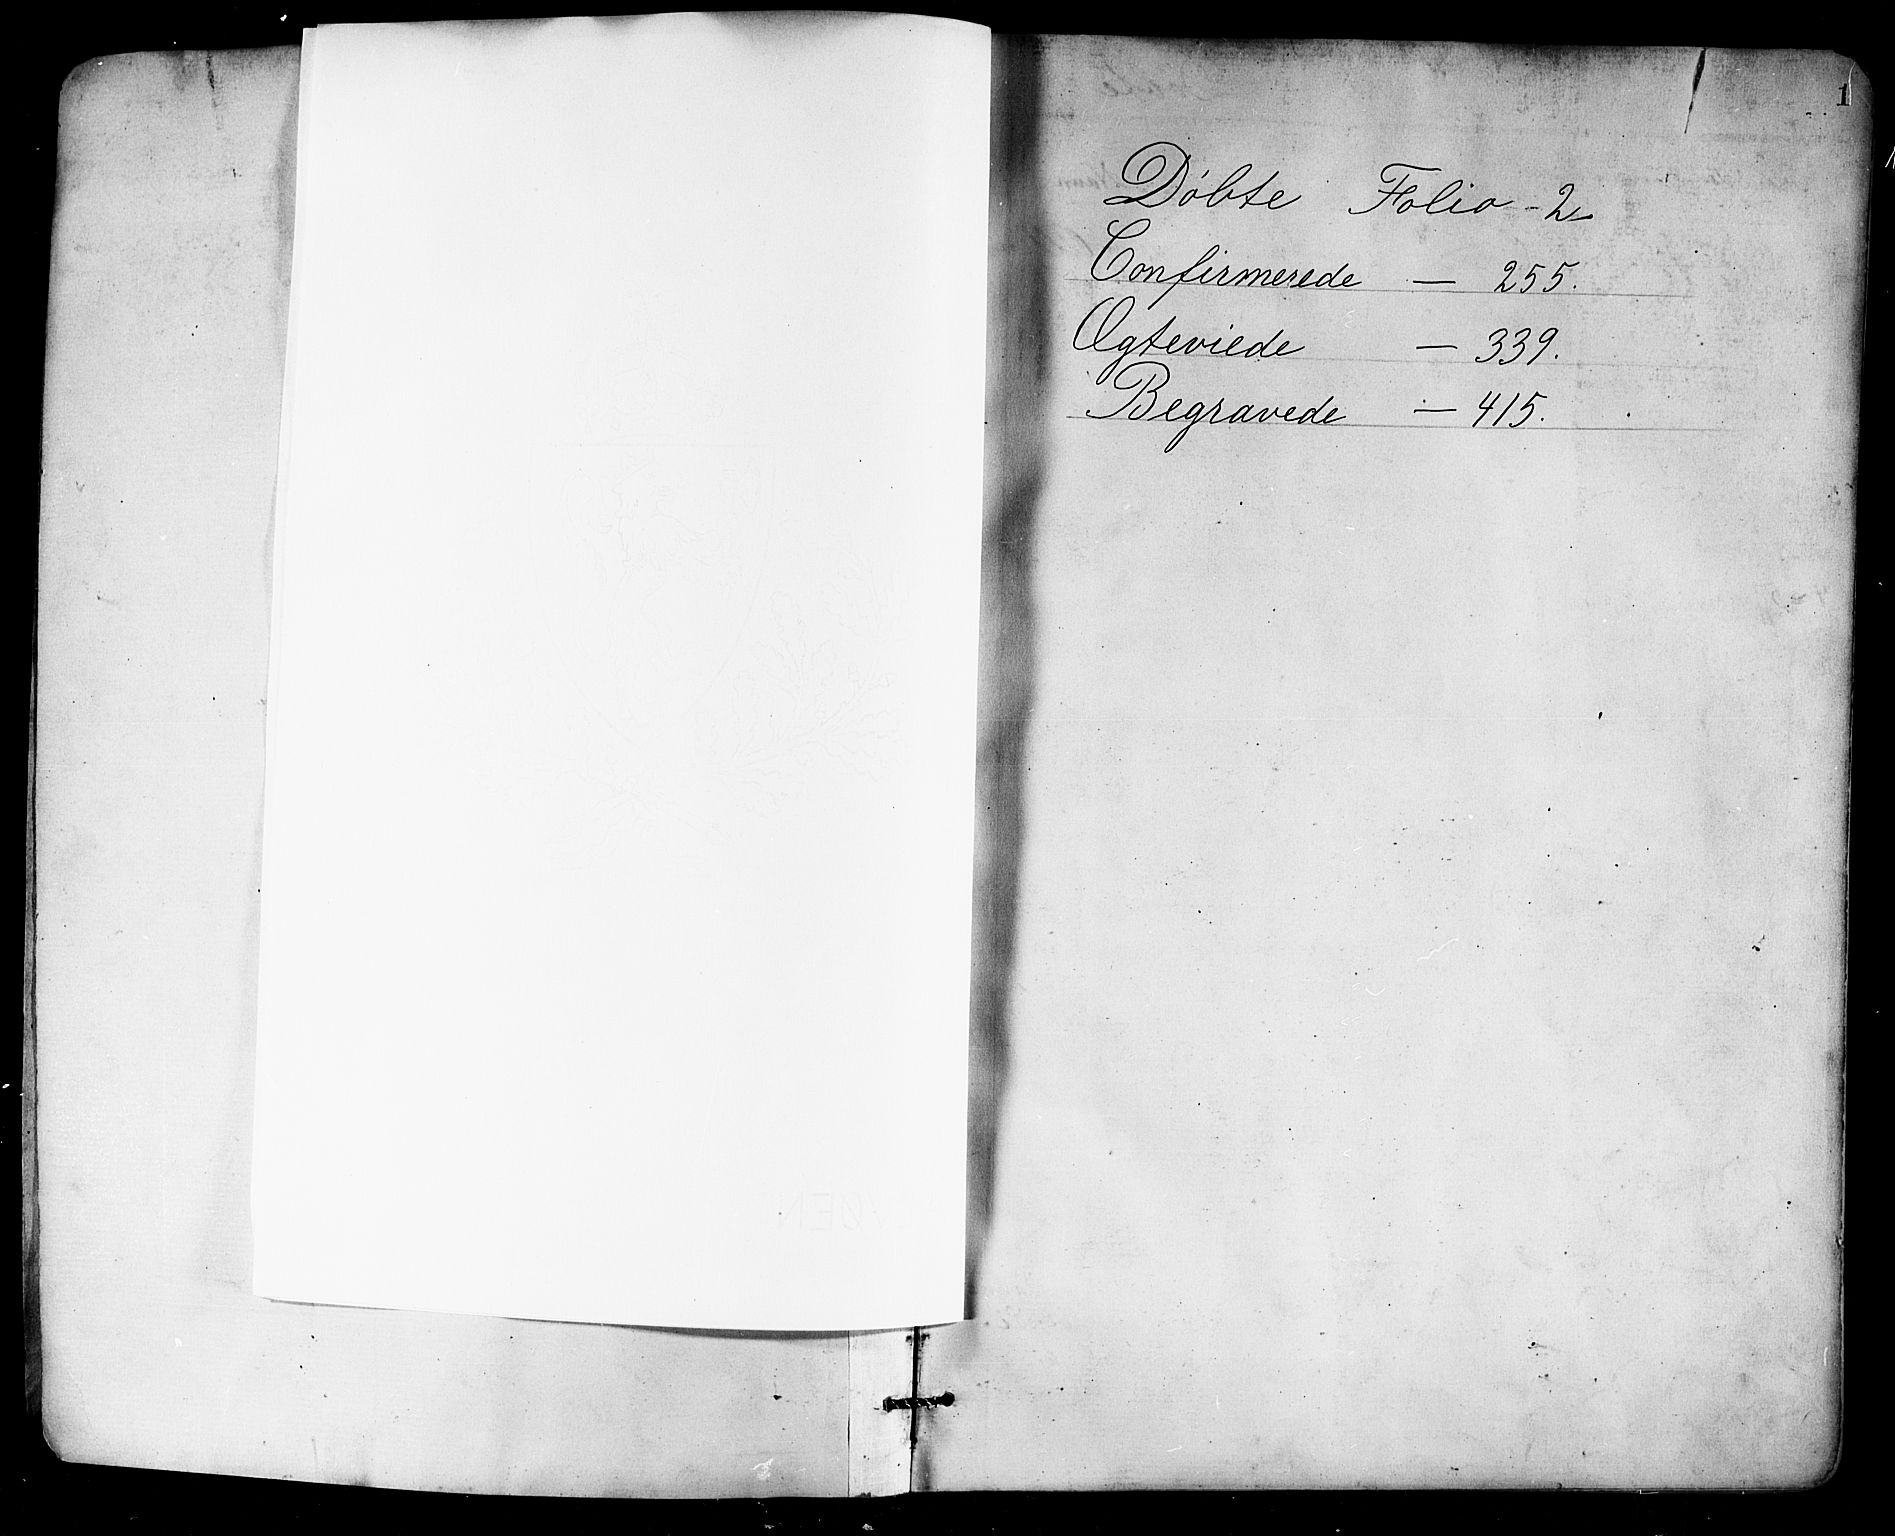 SAKO, Holla kirkebøker, G/Ga/L0005: Klokkerbok nr. I 5, 1891-1917, s. 1